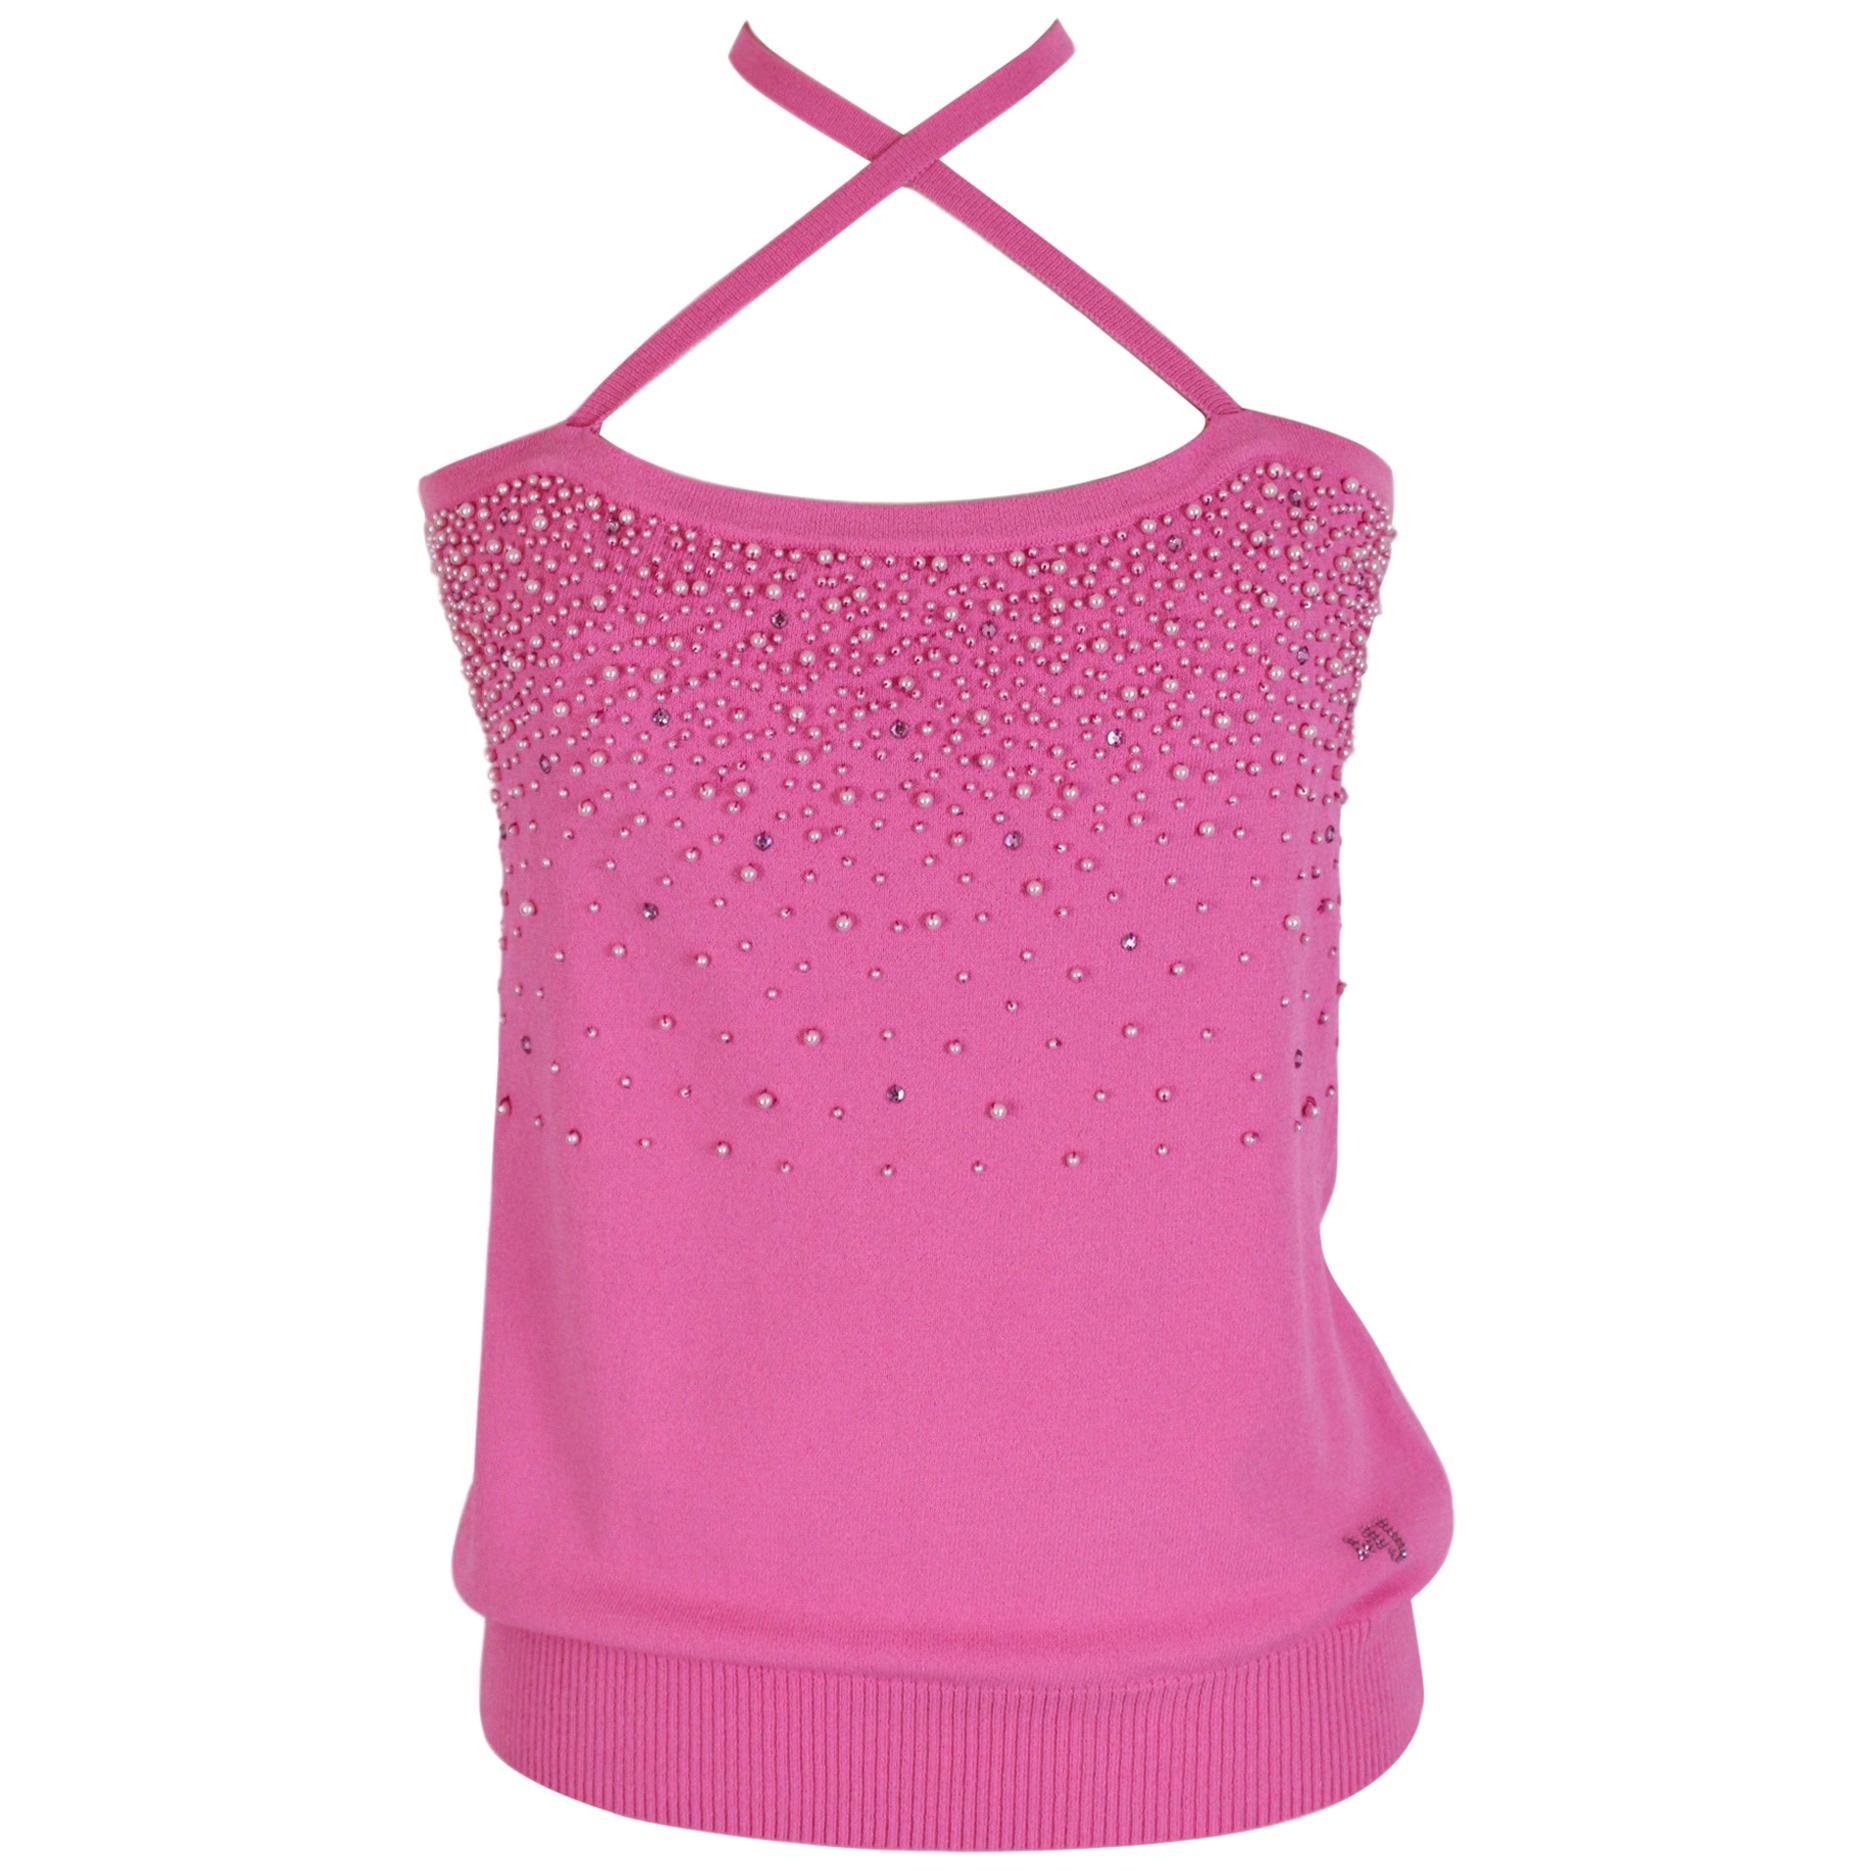 Gai Mattiolo Pink Beaded Sleeveless Shirt Evening Top